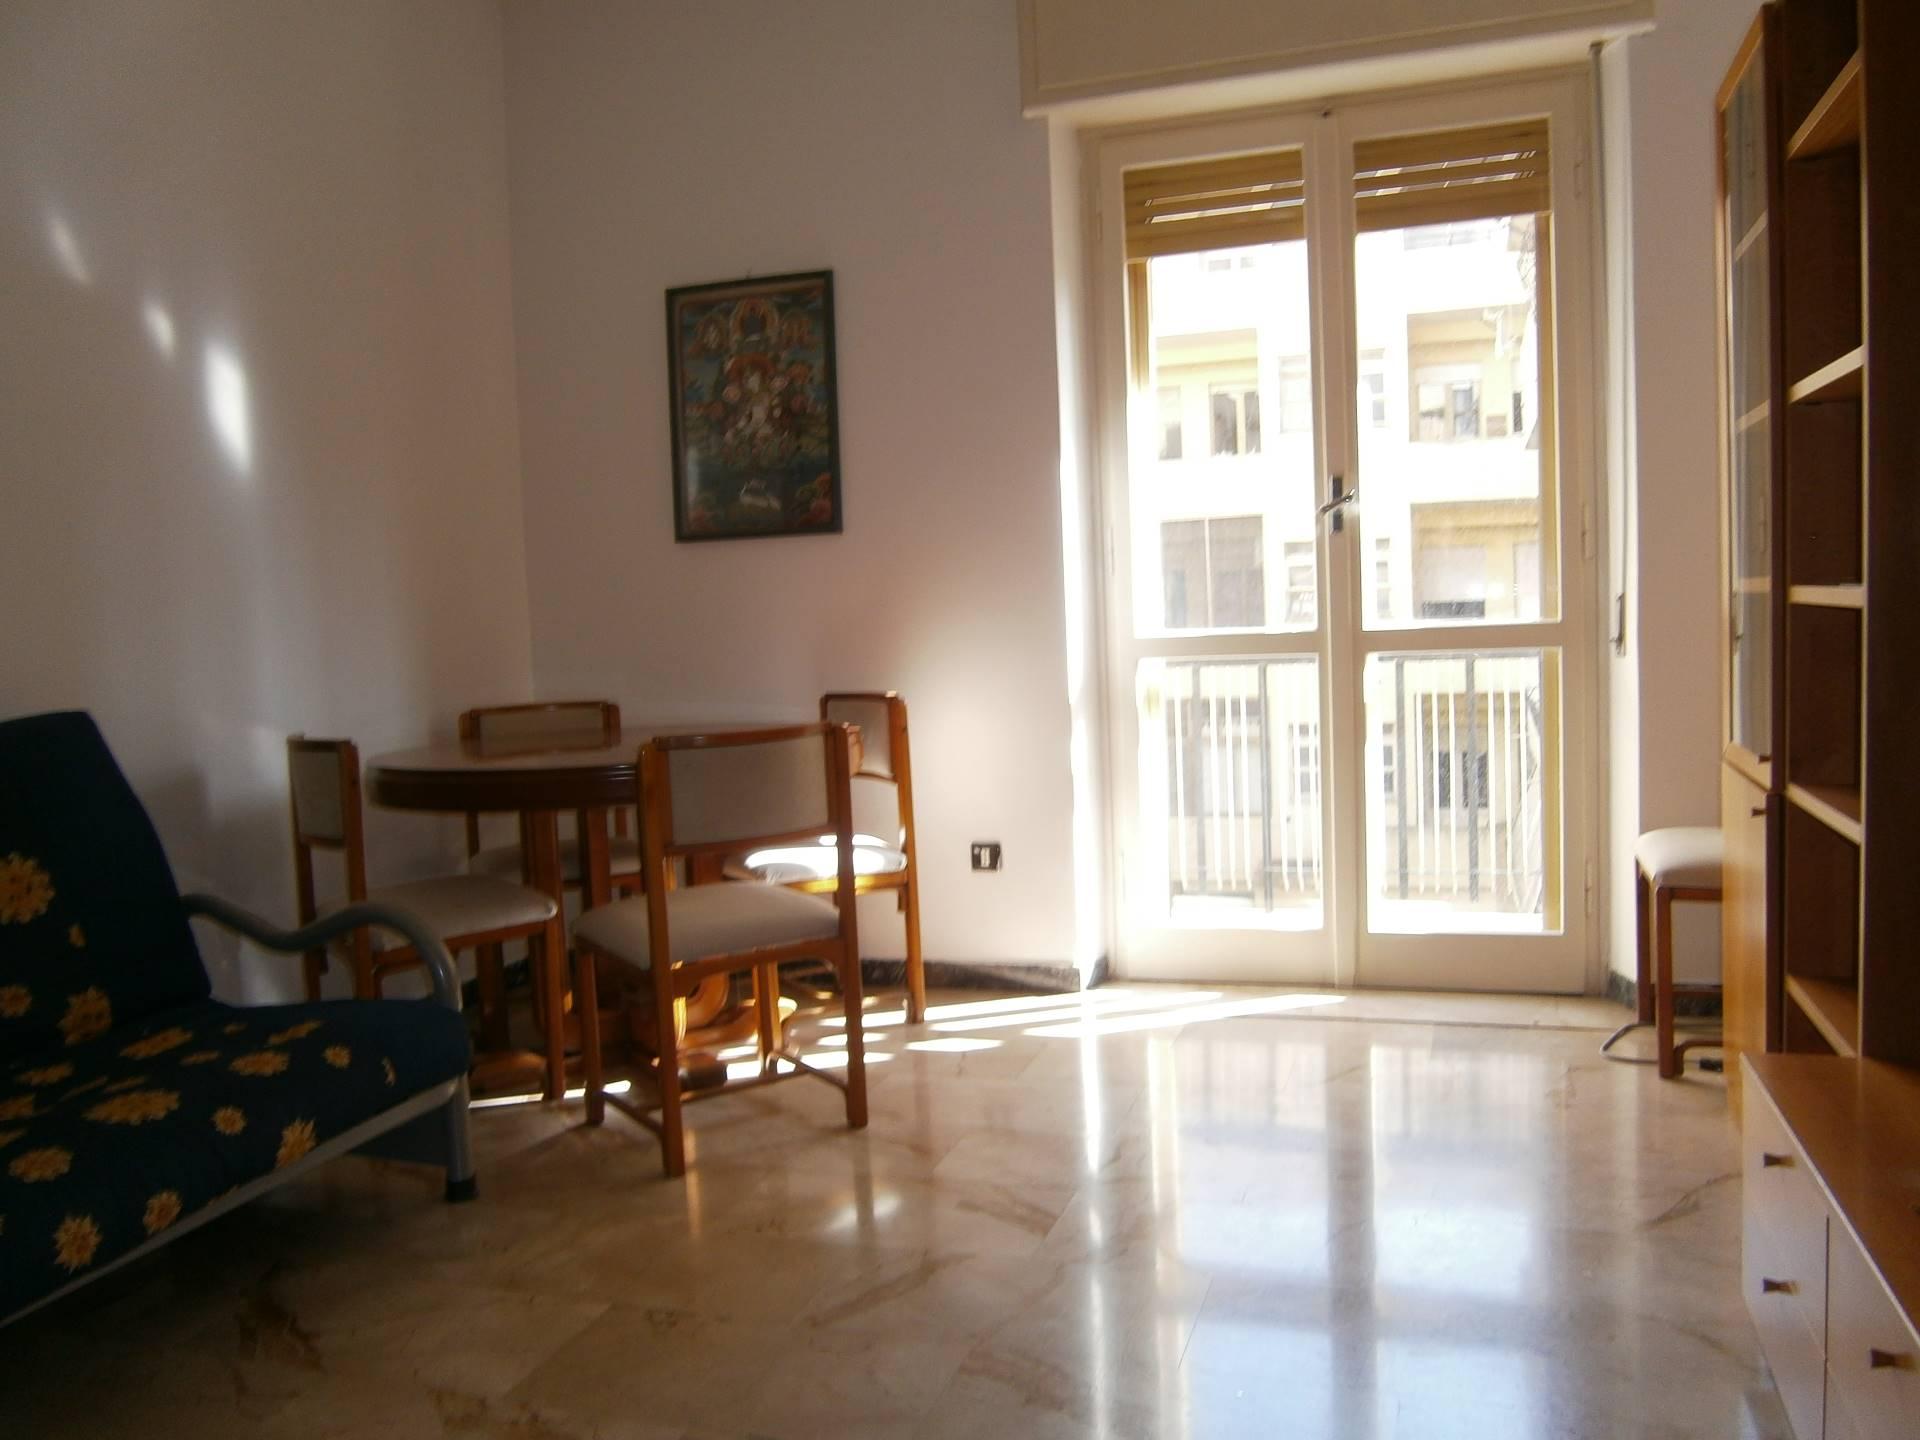 Appartamento in affitto a Cagliari, 3 locali, zona Località: MonteUrpinu, prezzo € 750 | Cambio Casa.it